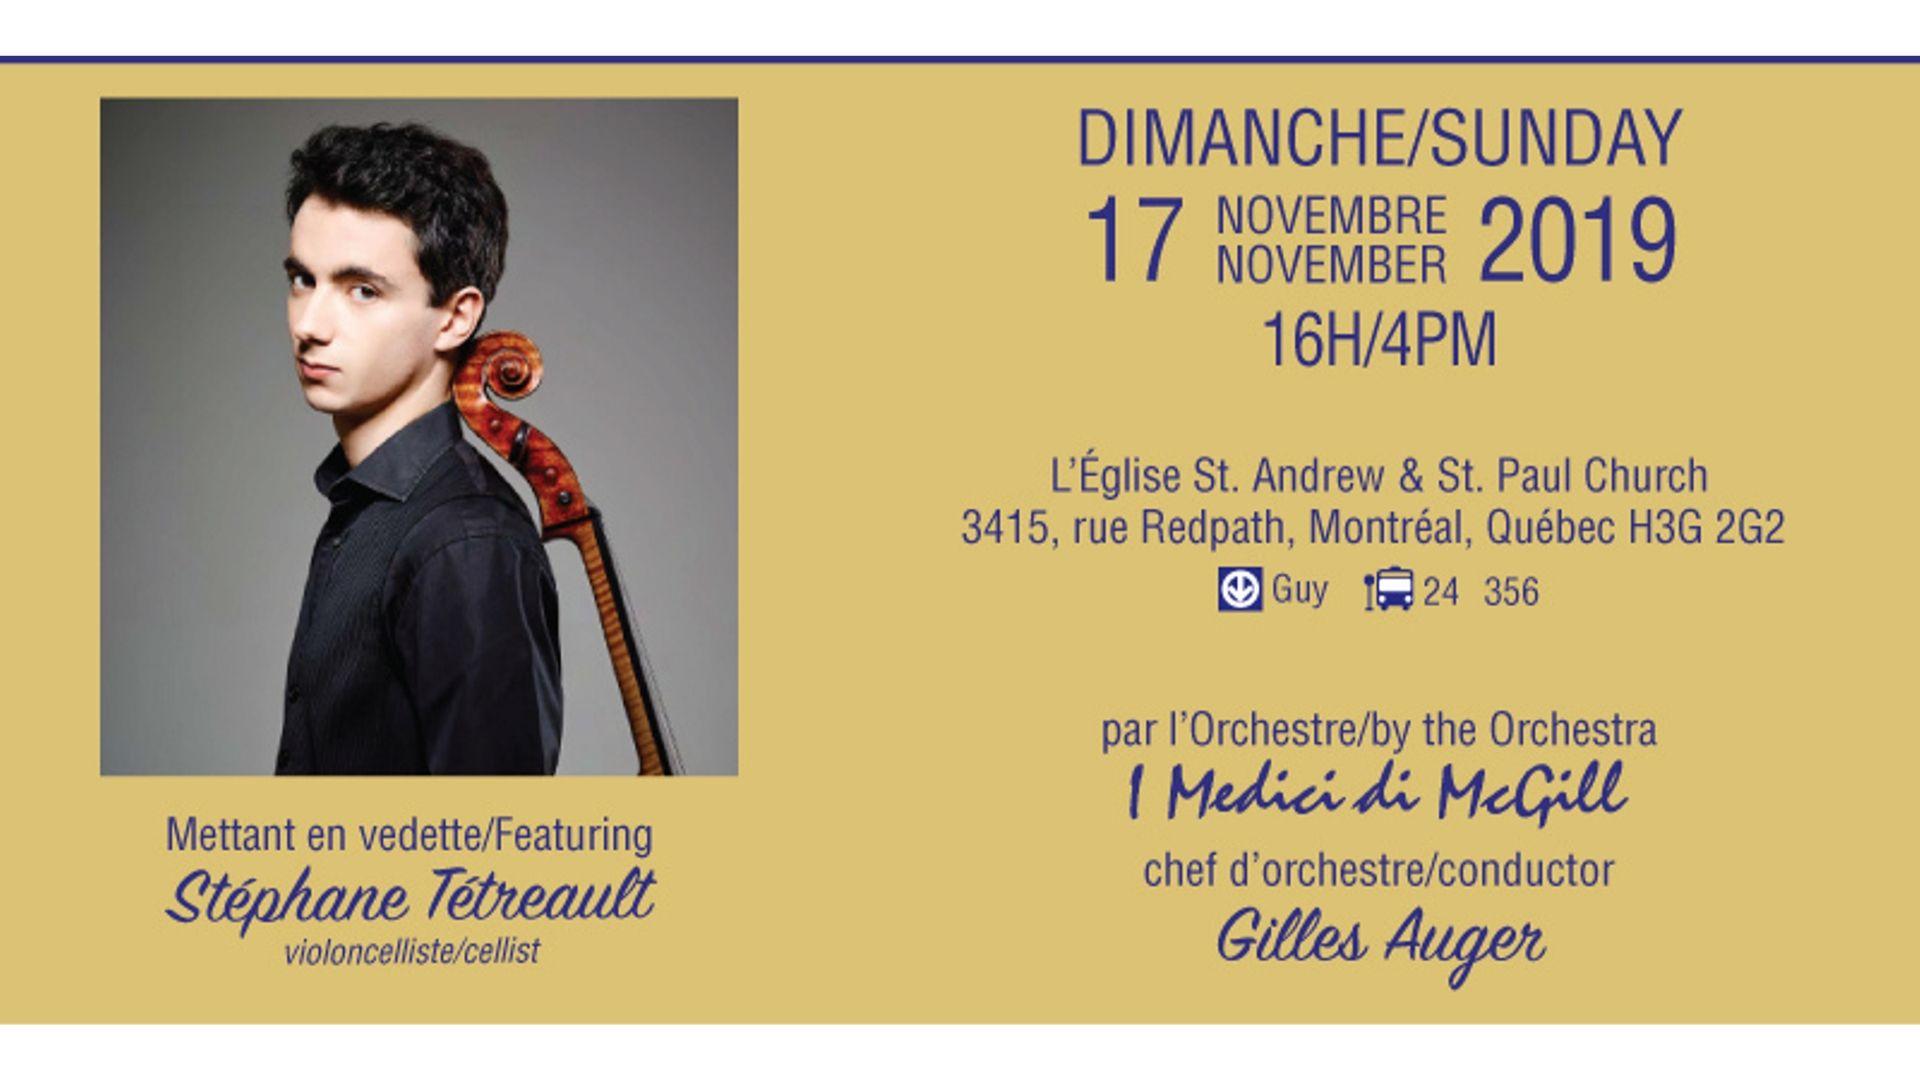 Symphonie pour \'La Cloche\' / Symphony for \'The Bell\'